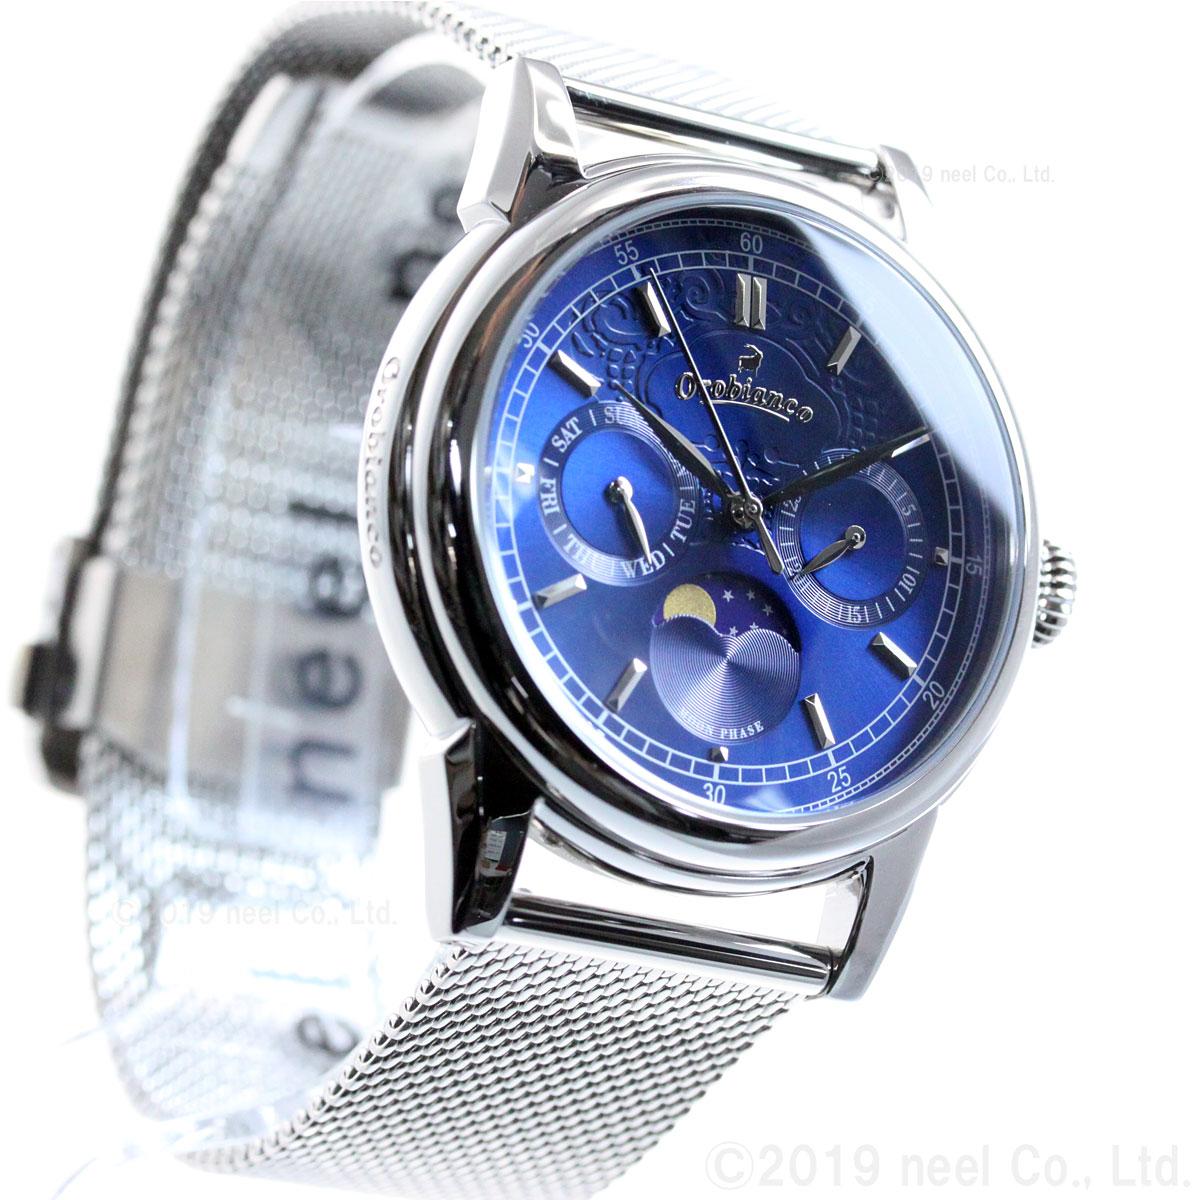 オロビアンコ 時計 メンズ Orobianco 腕時計 ビアンコネーロ BIANCONERO OR0074-501